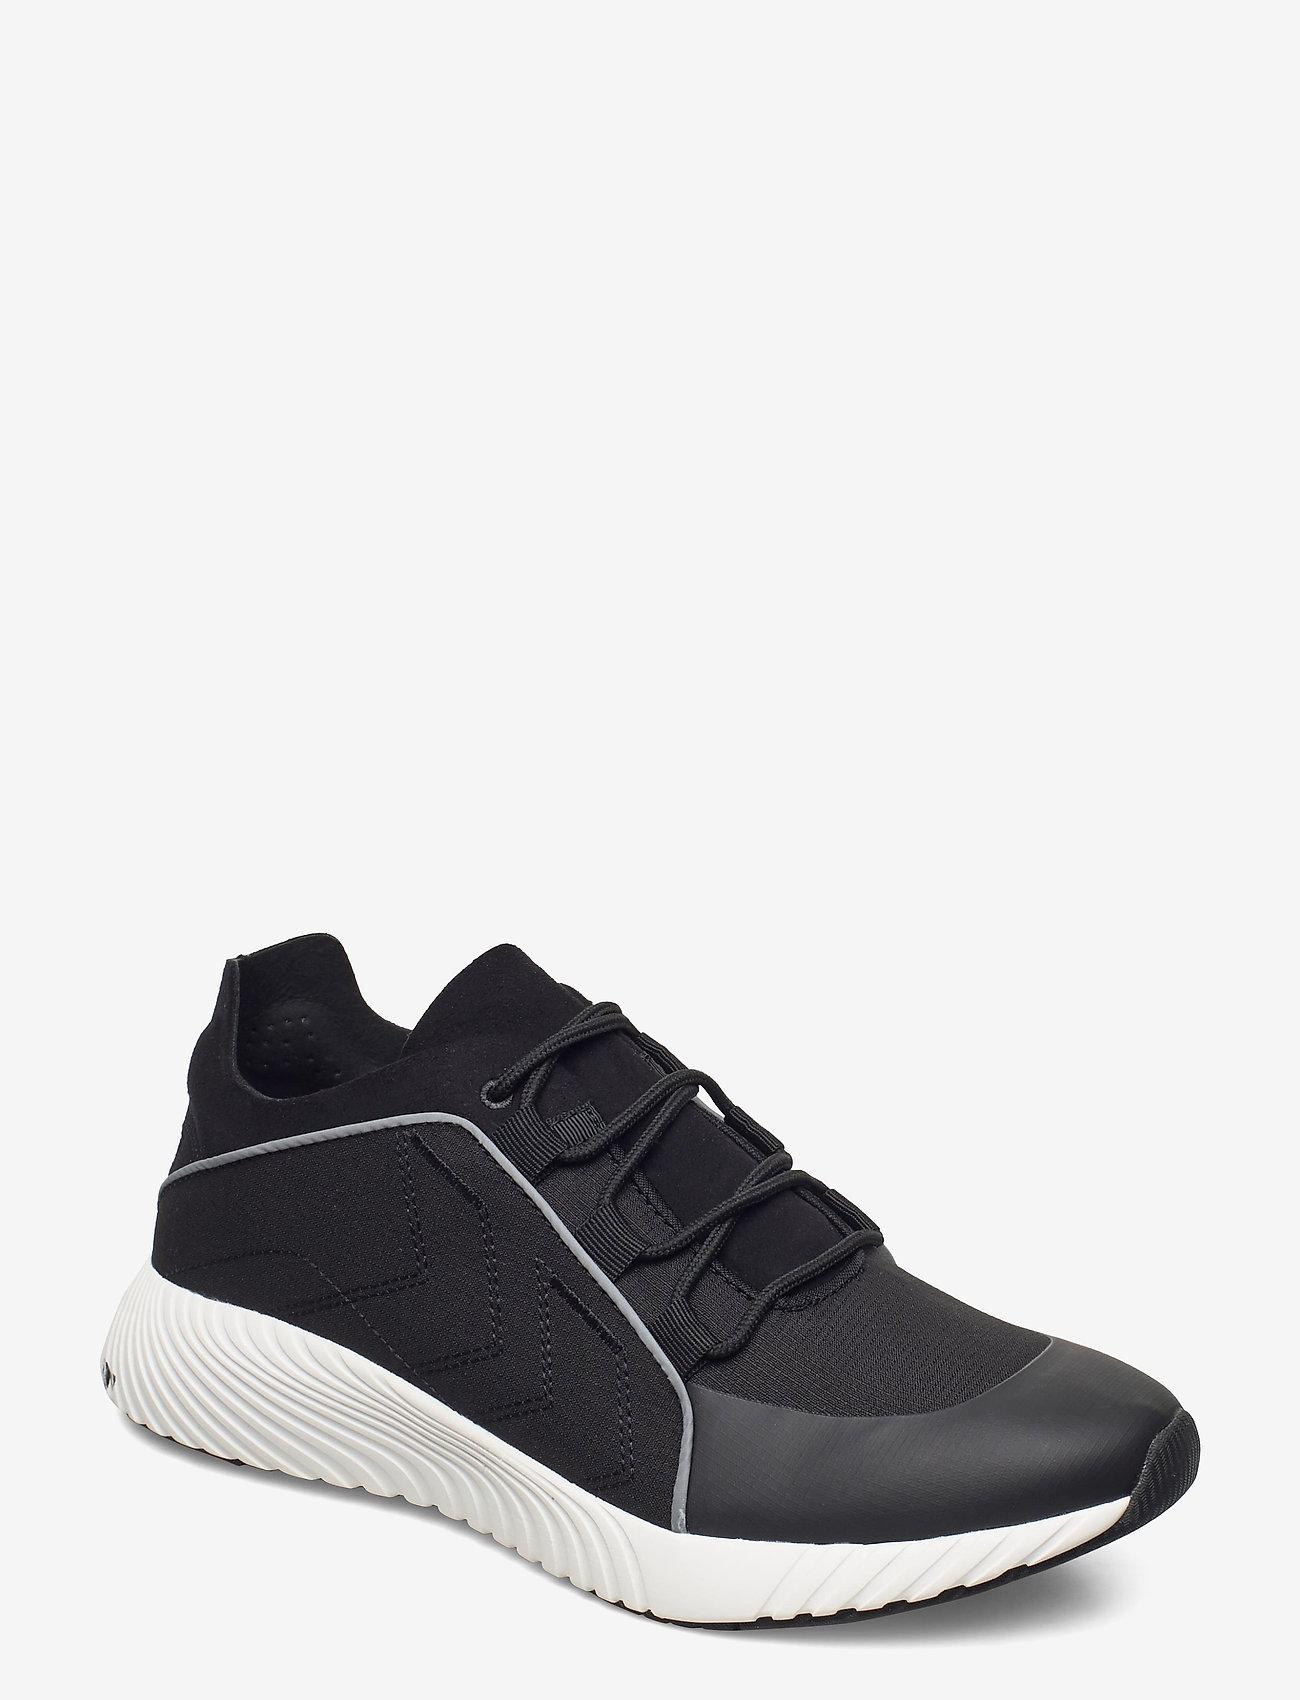 Hummel - COMBAT BREAKER - laag sneakers - black - 1